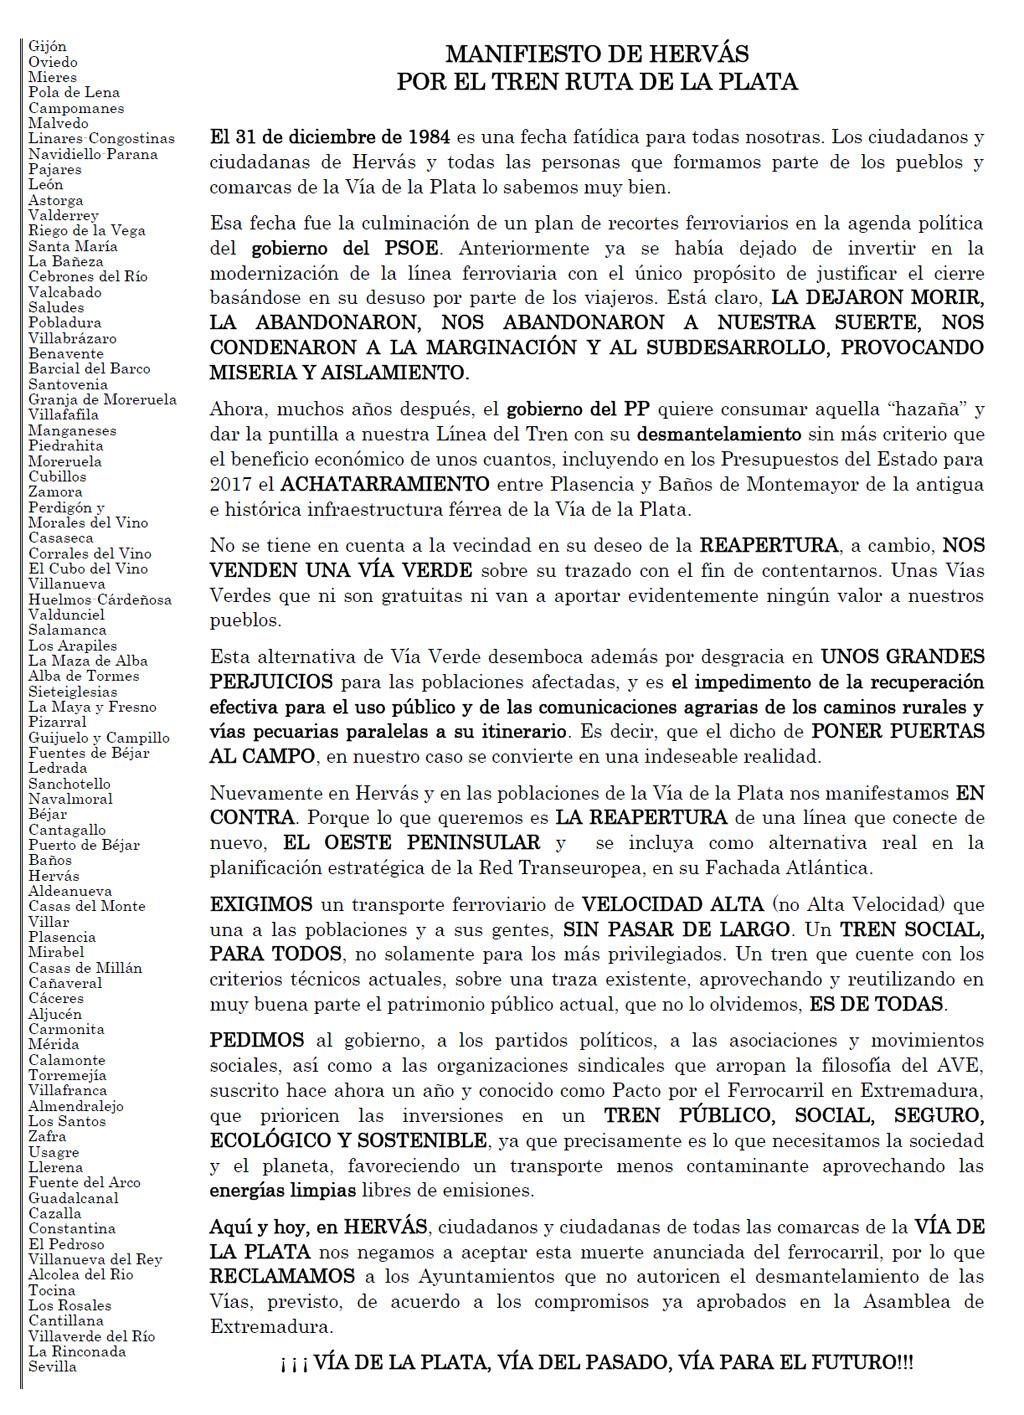 Manifiesto-de-Hervas